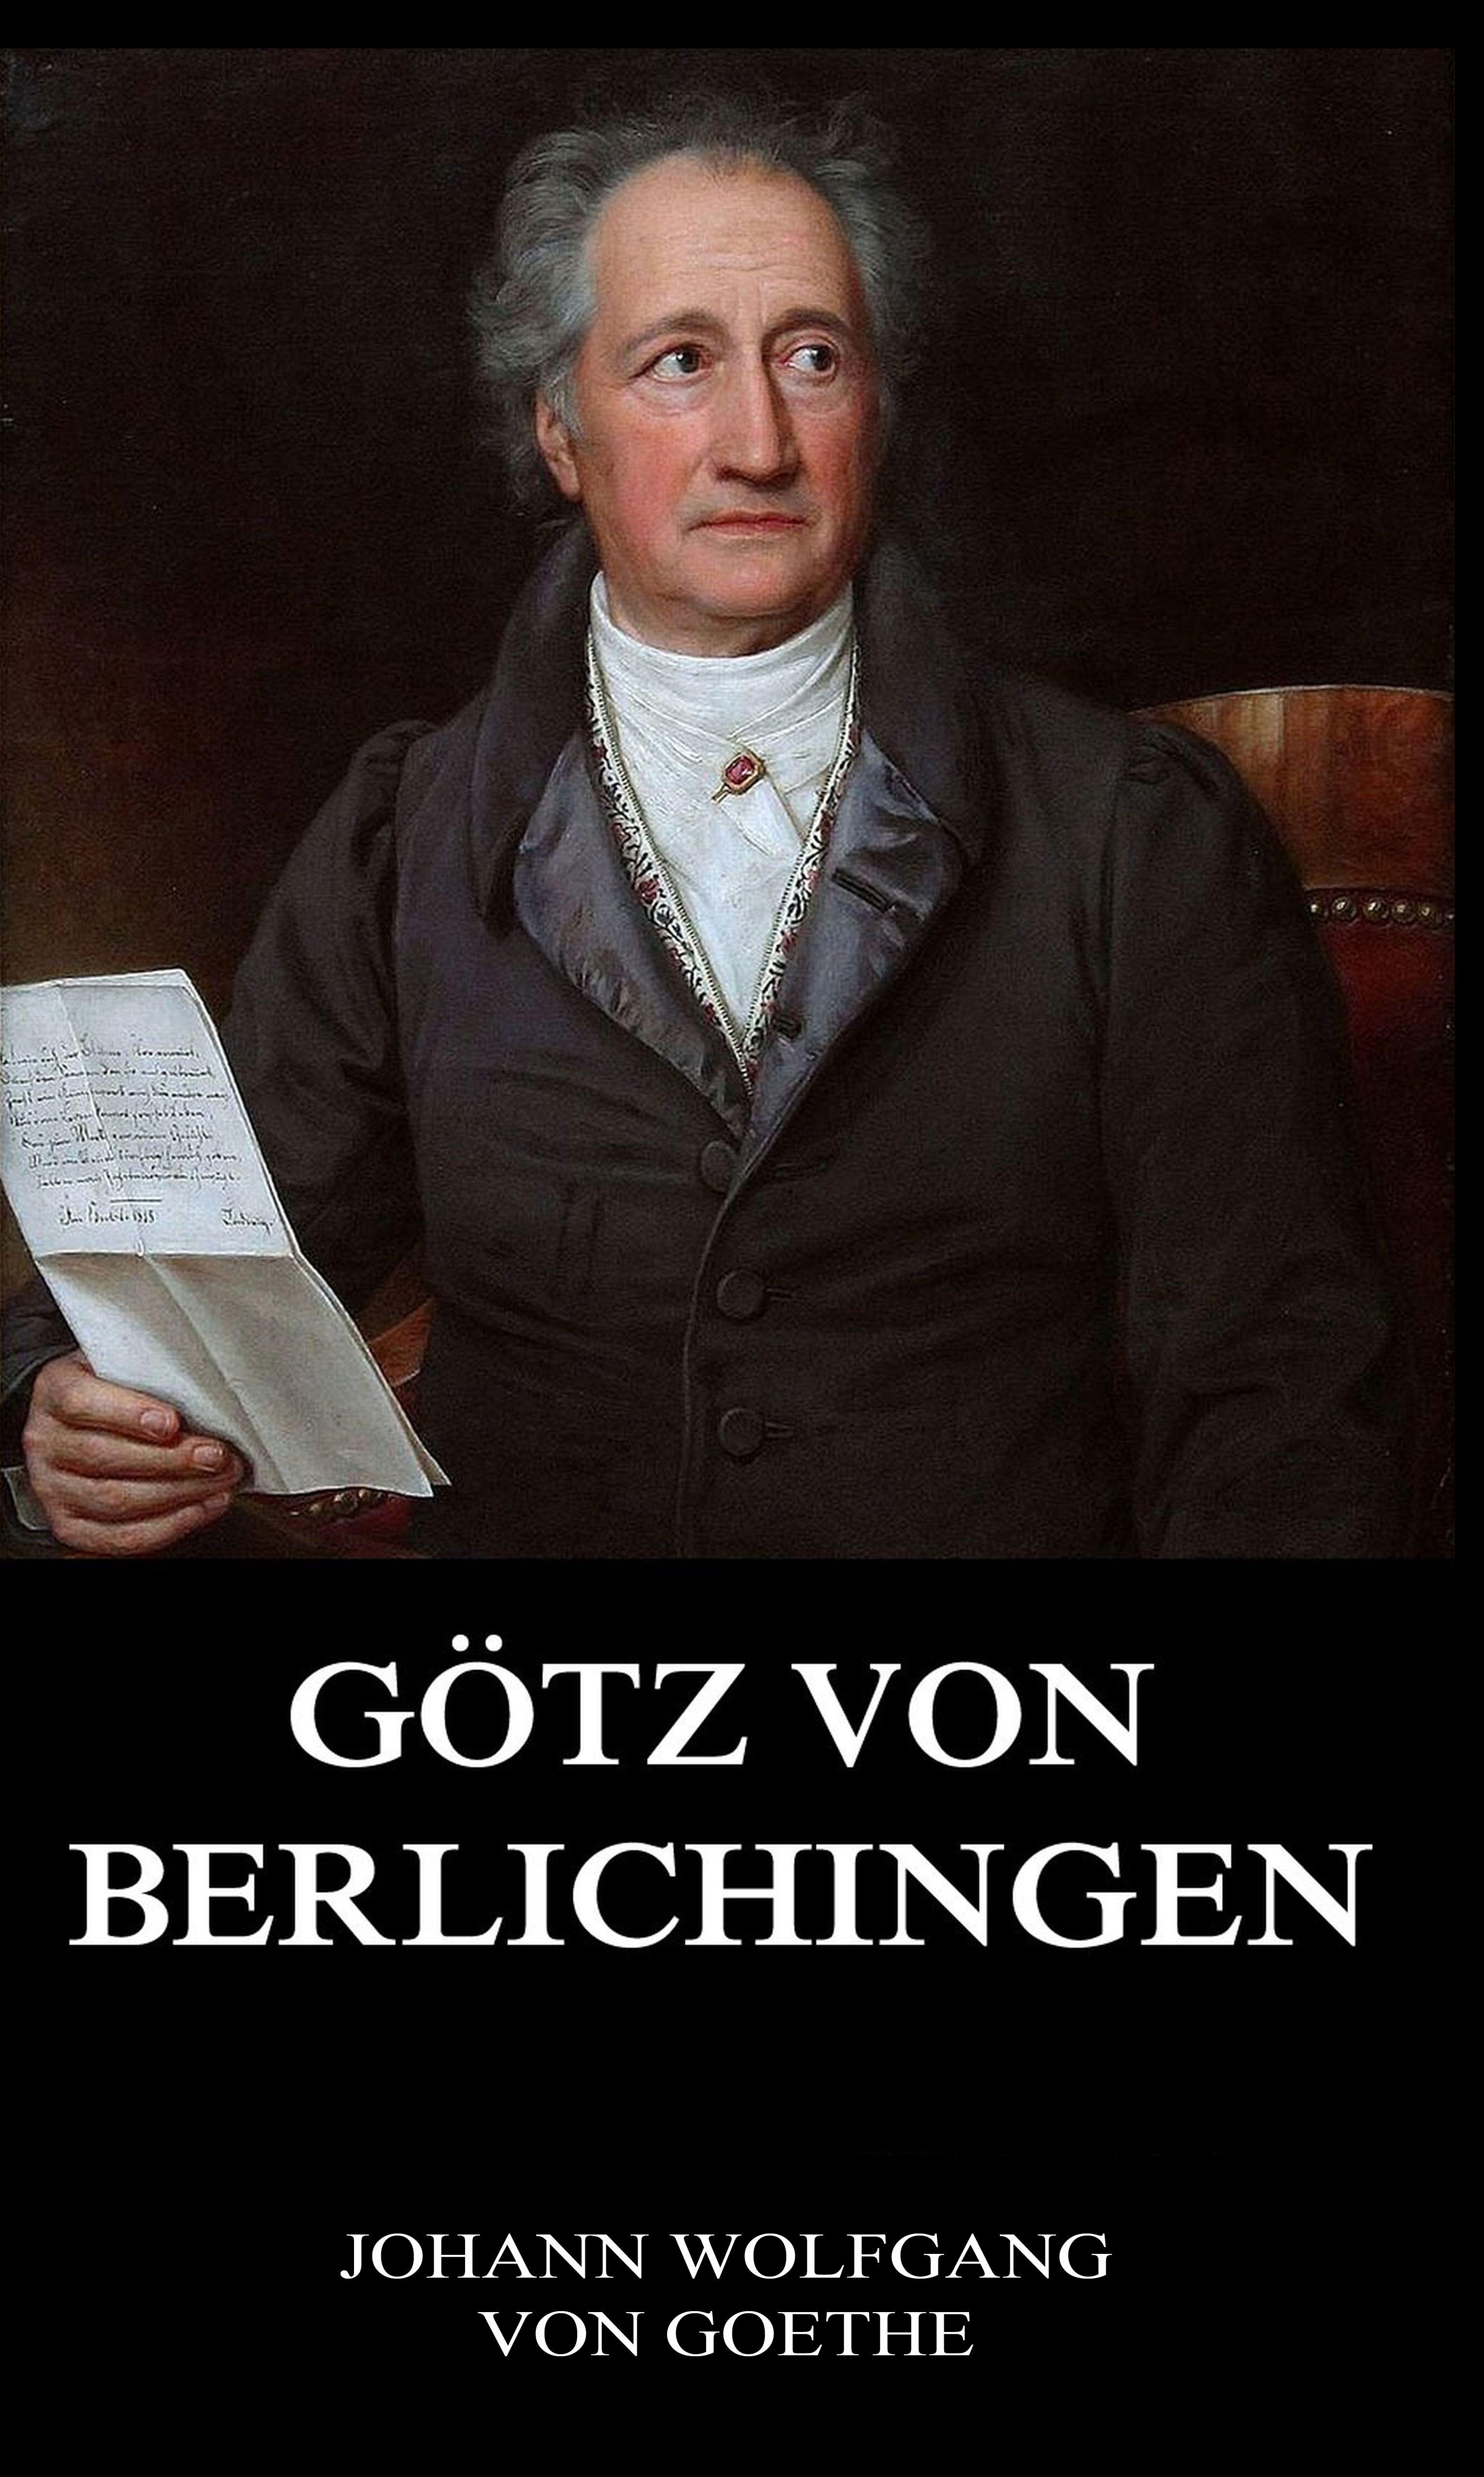 Johann Wolfgang von Goethe Götz von Berlichingen